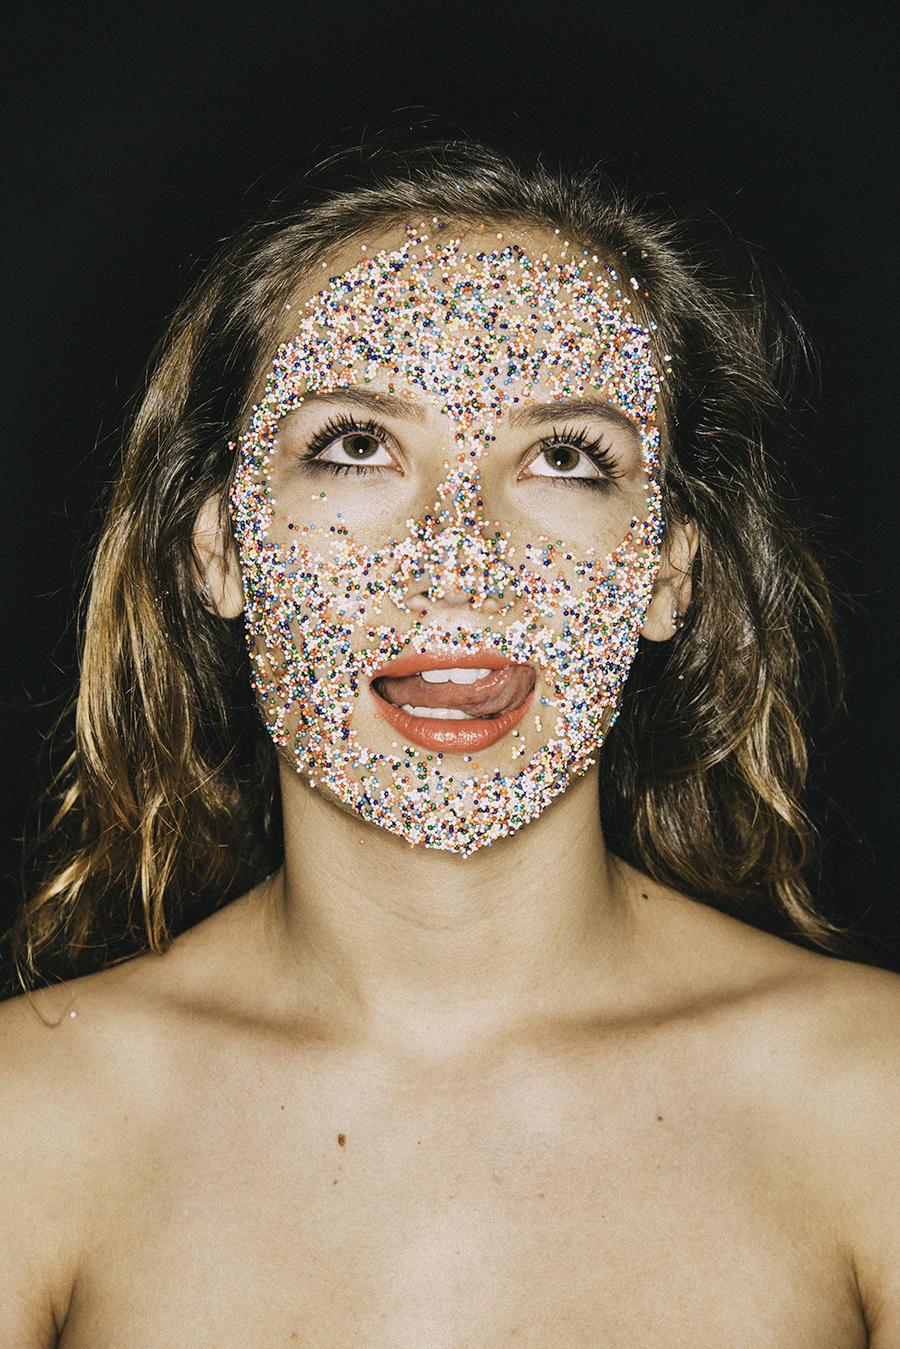 Isabel_Zapata_sprinkles_beauty_headshot_Stephanie_2.jpg